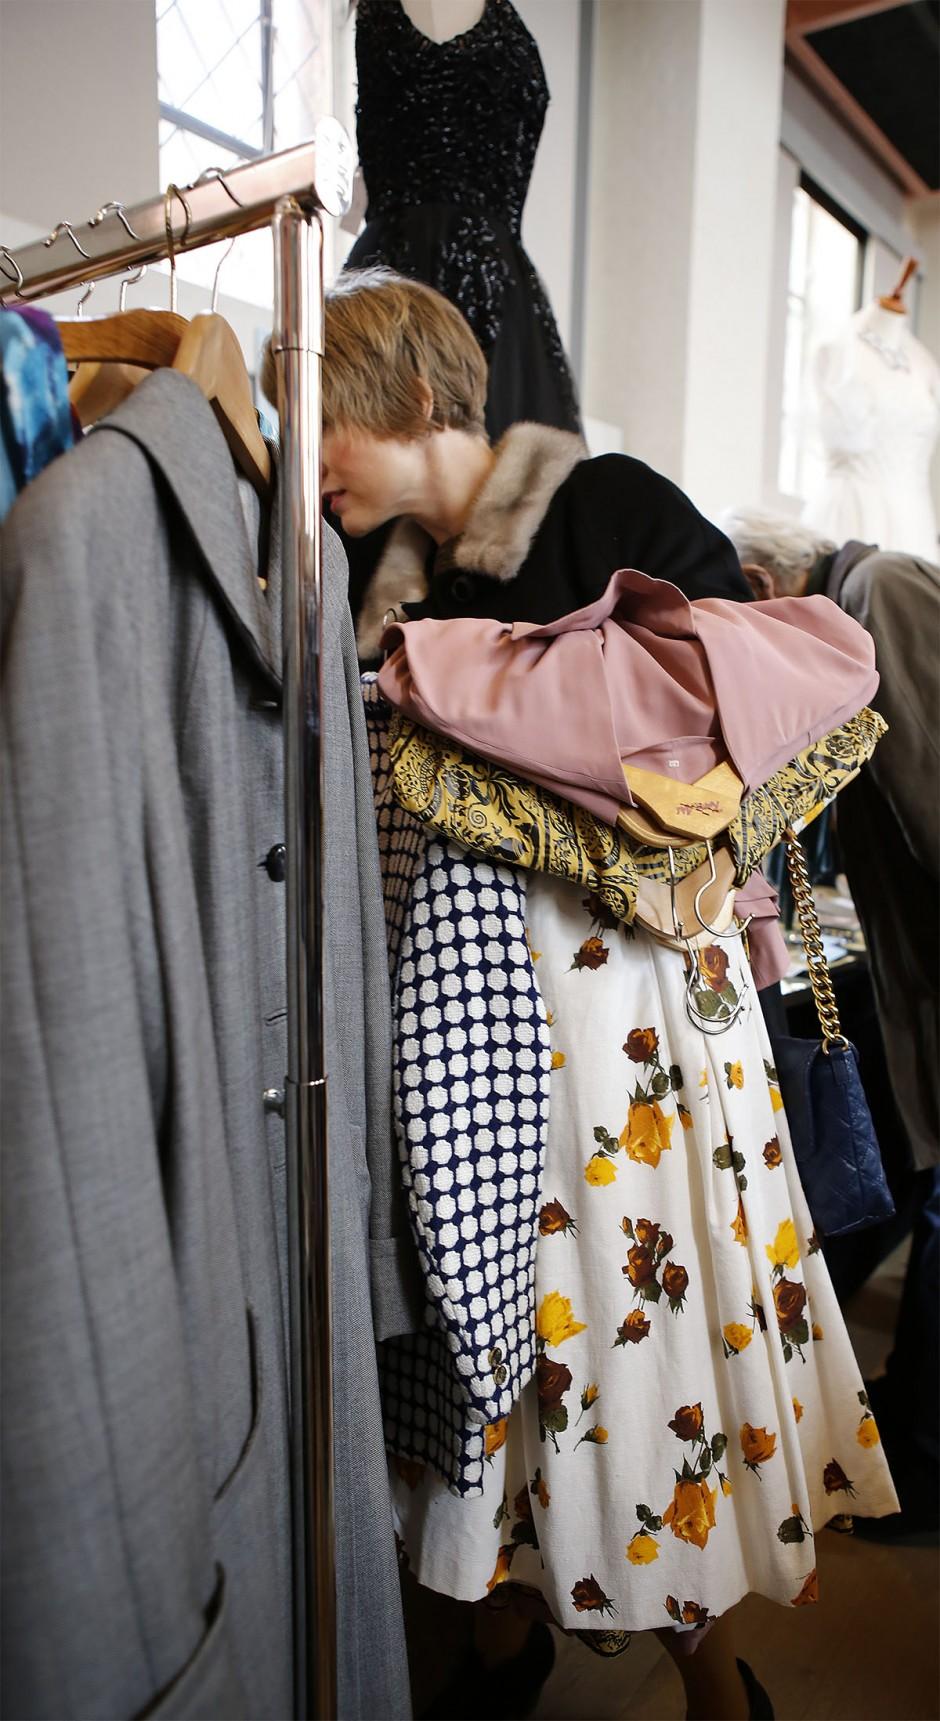 plockar kläder